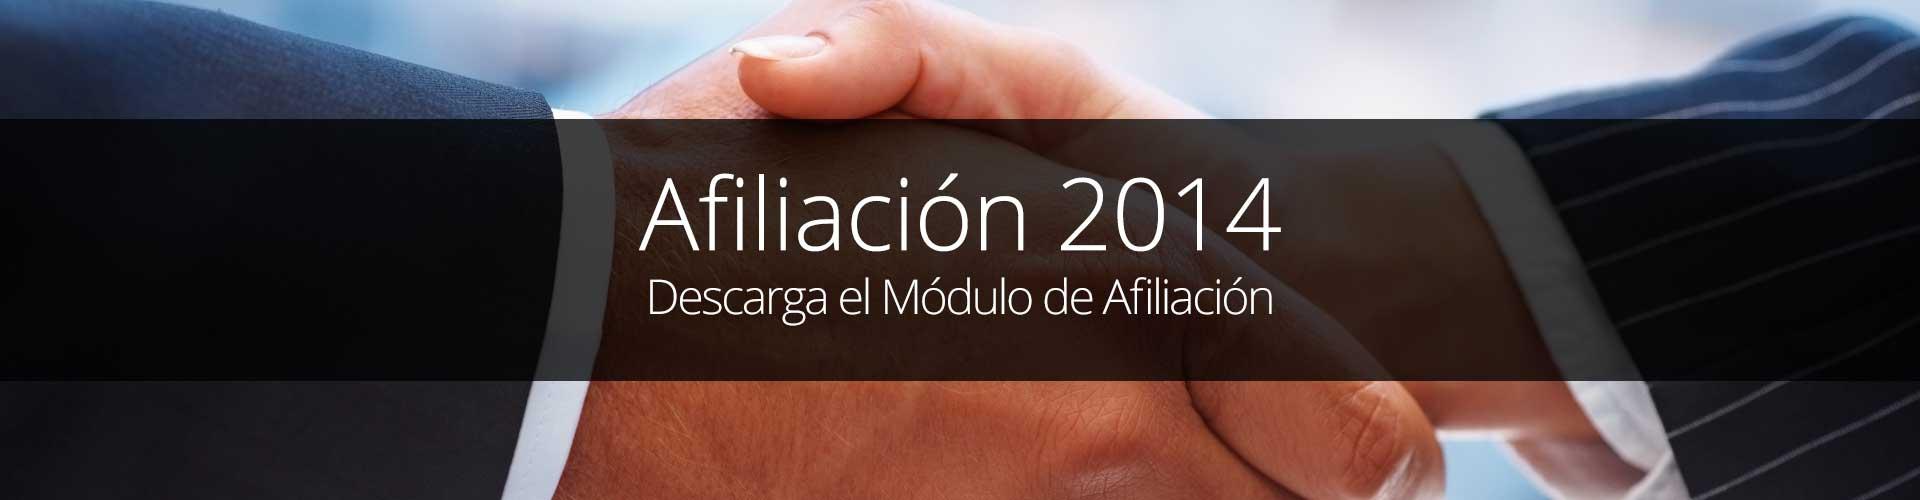 Afiliación 2014